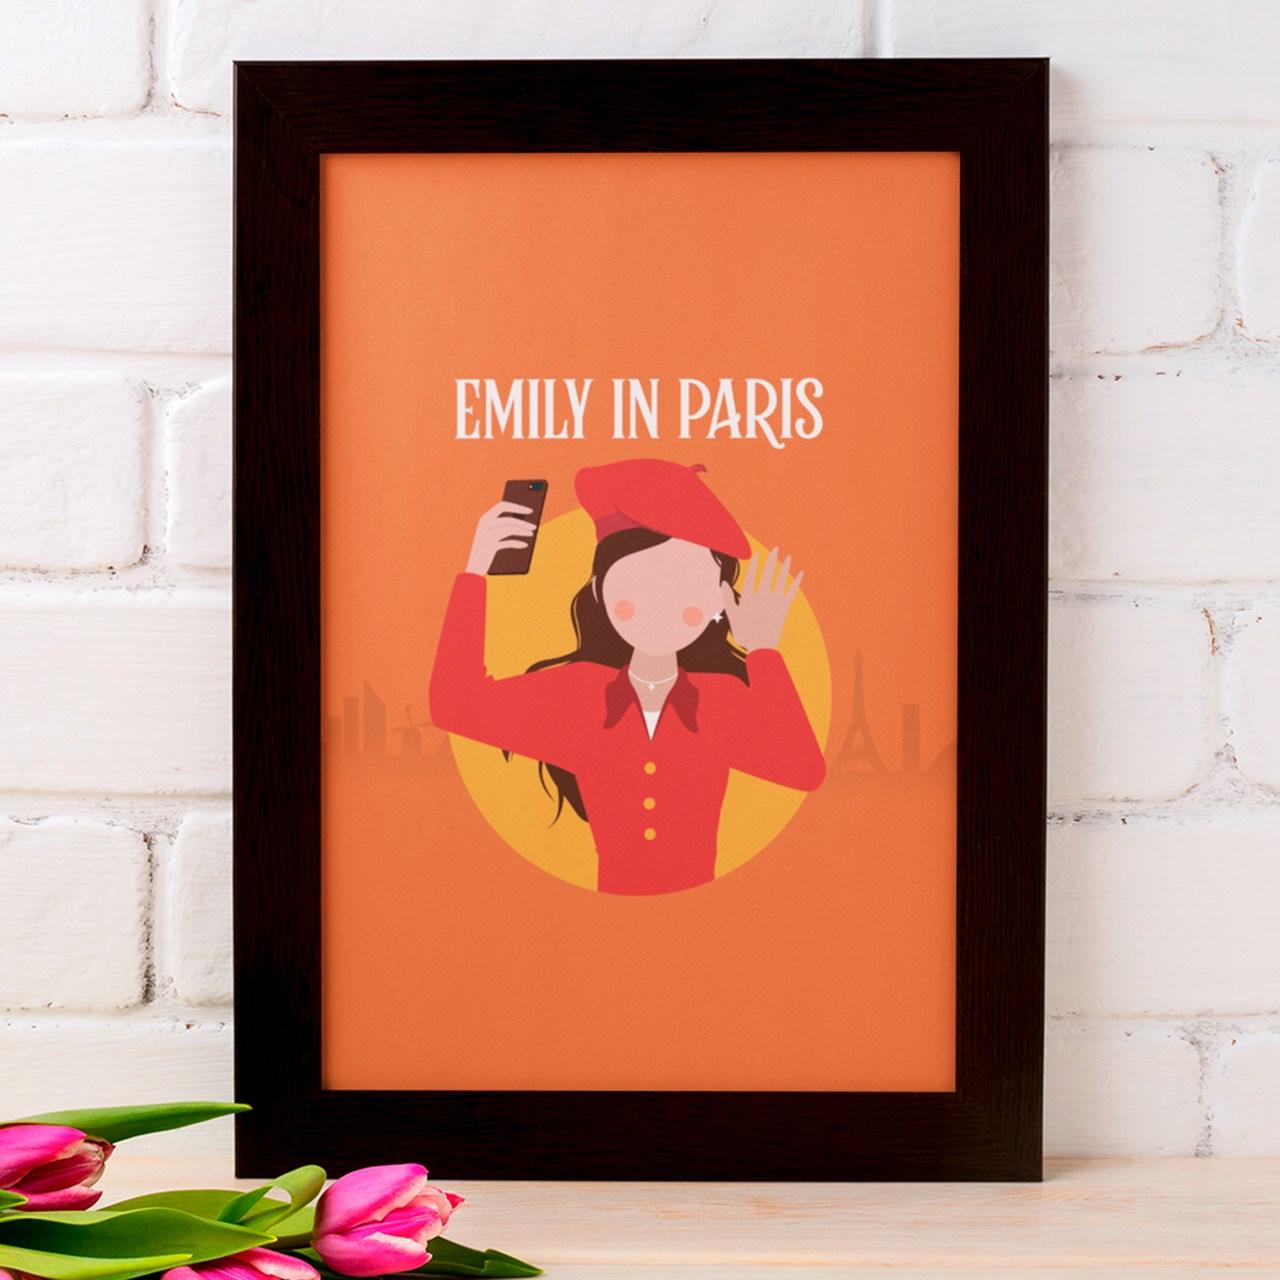 Quadro Emily em Paris